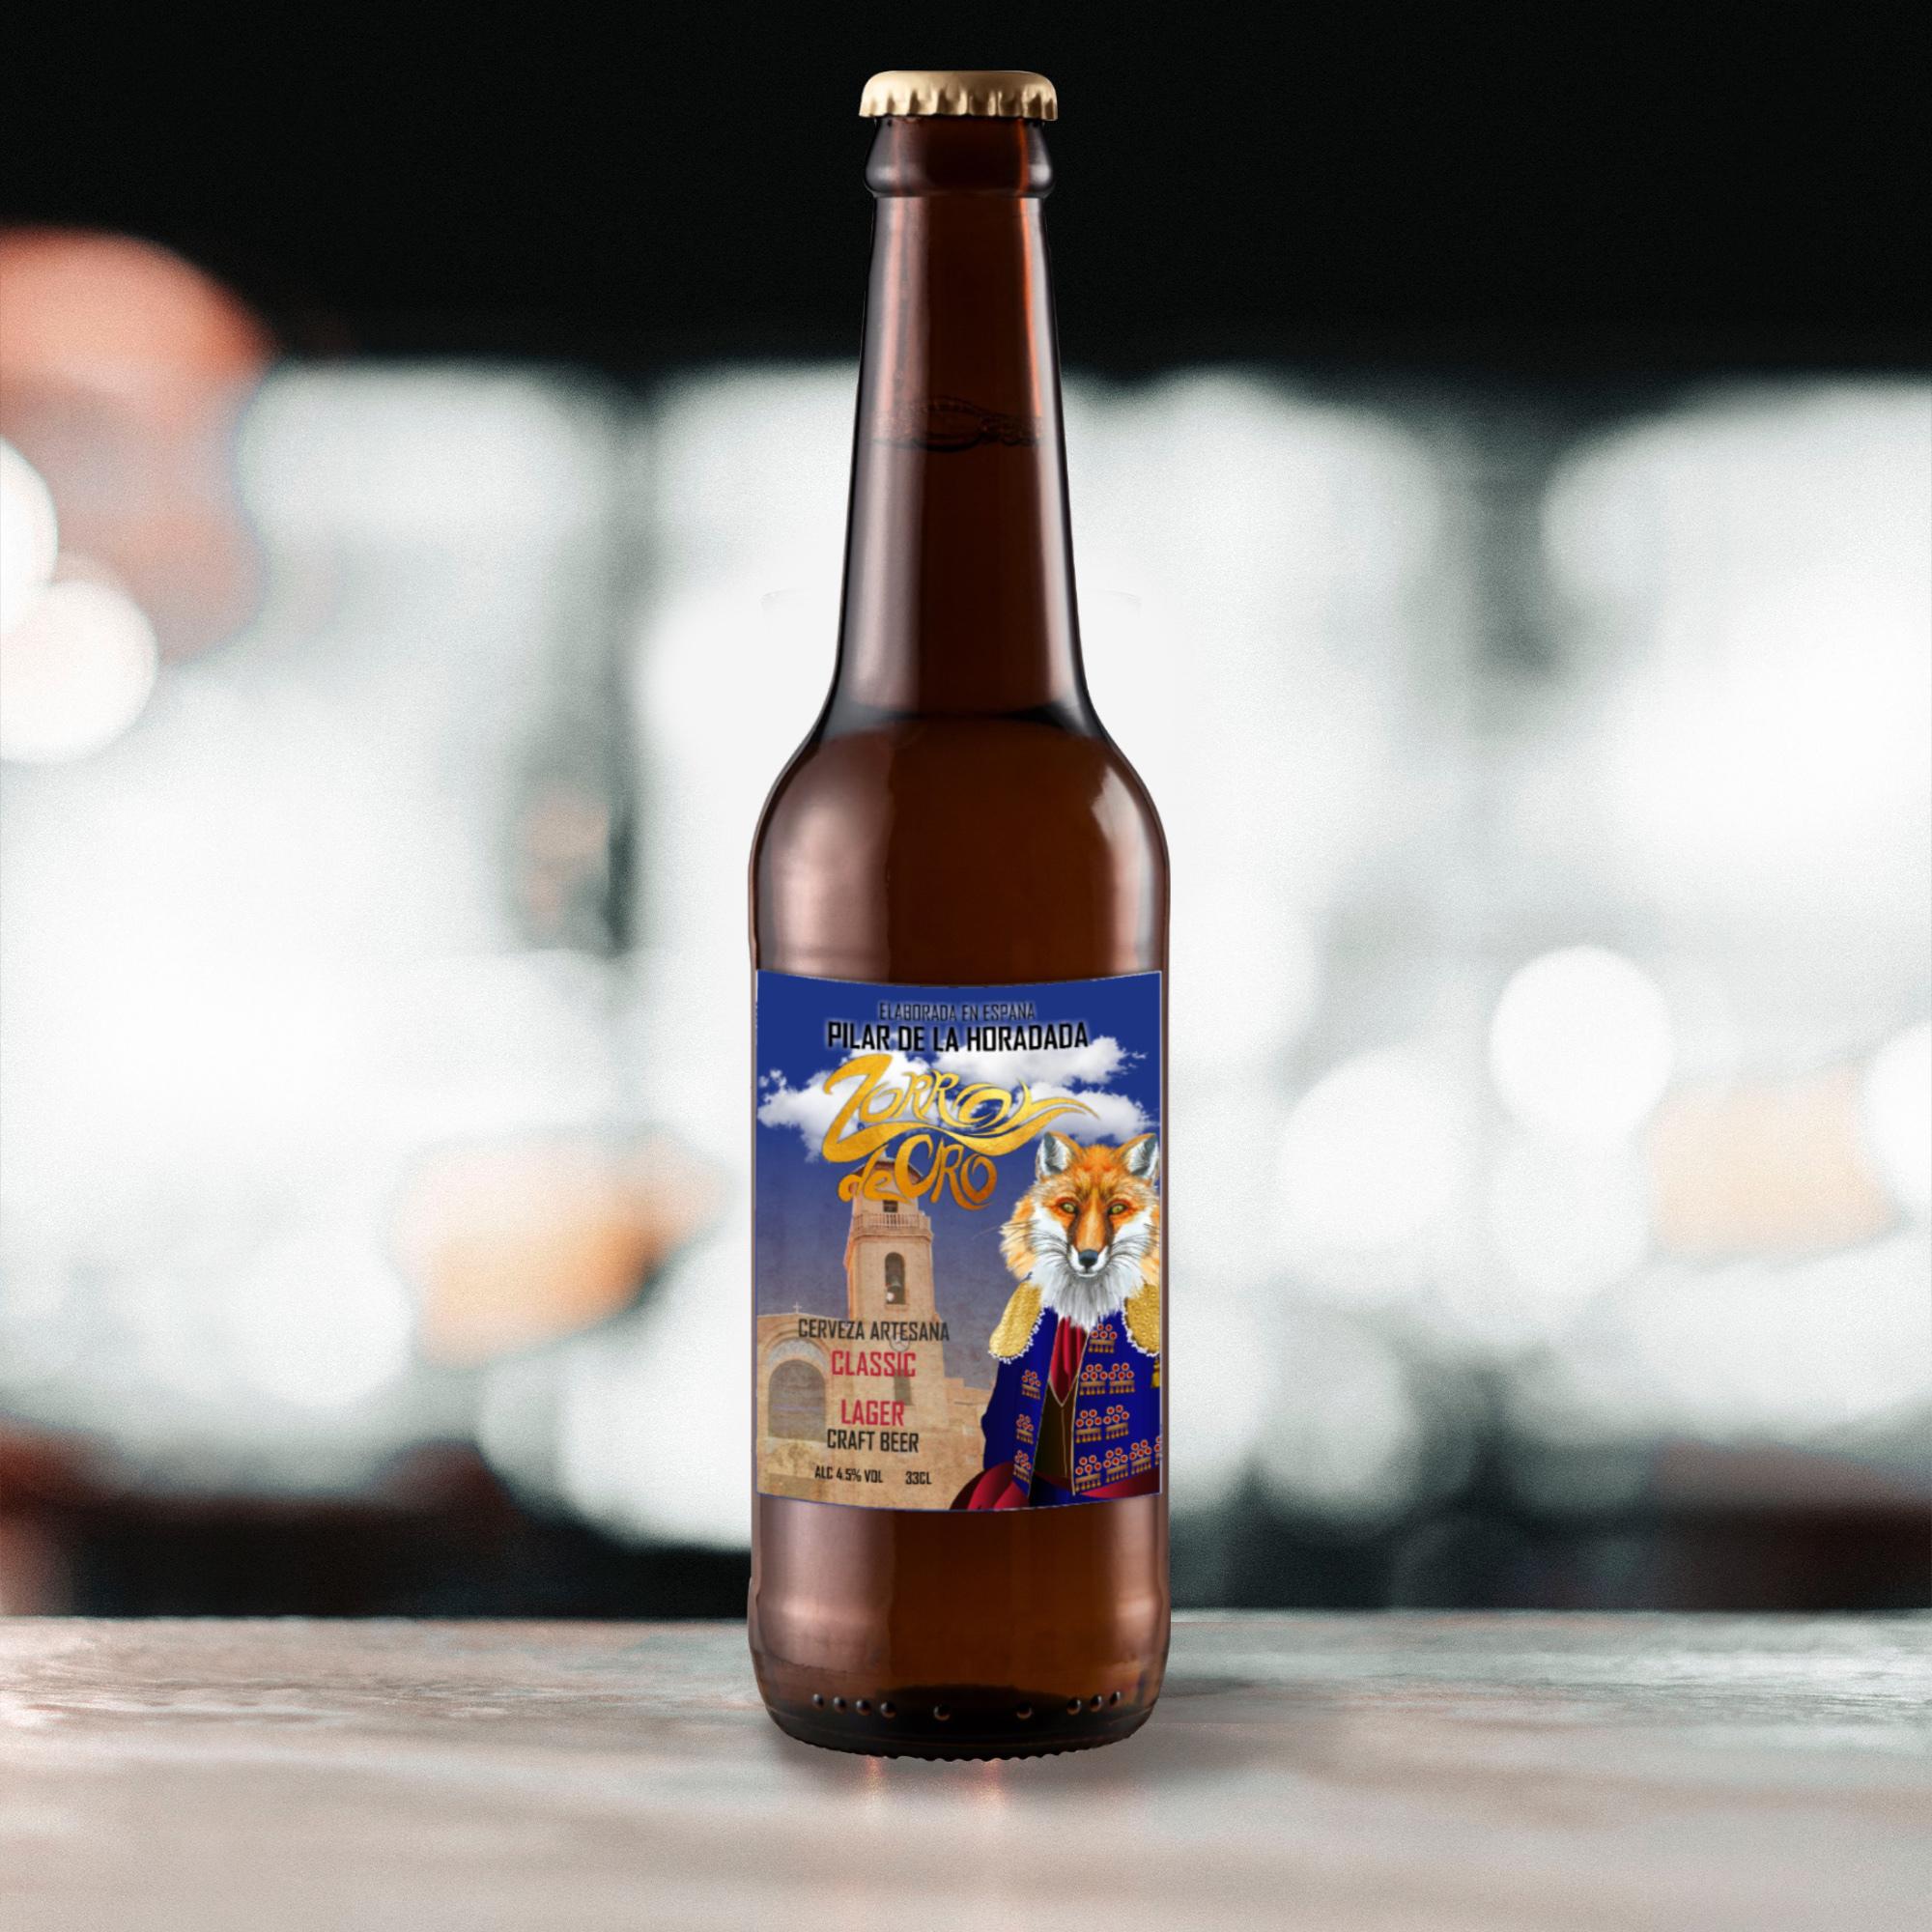 Cerveza clásica, 4.2%